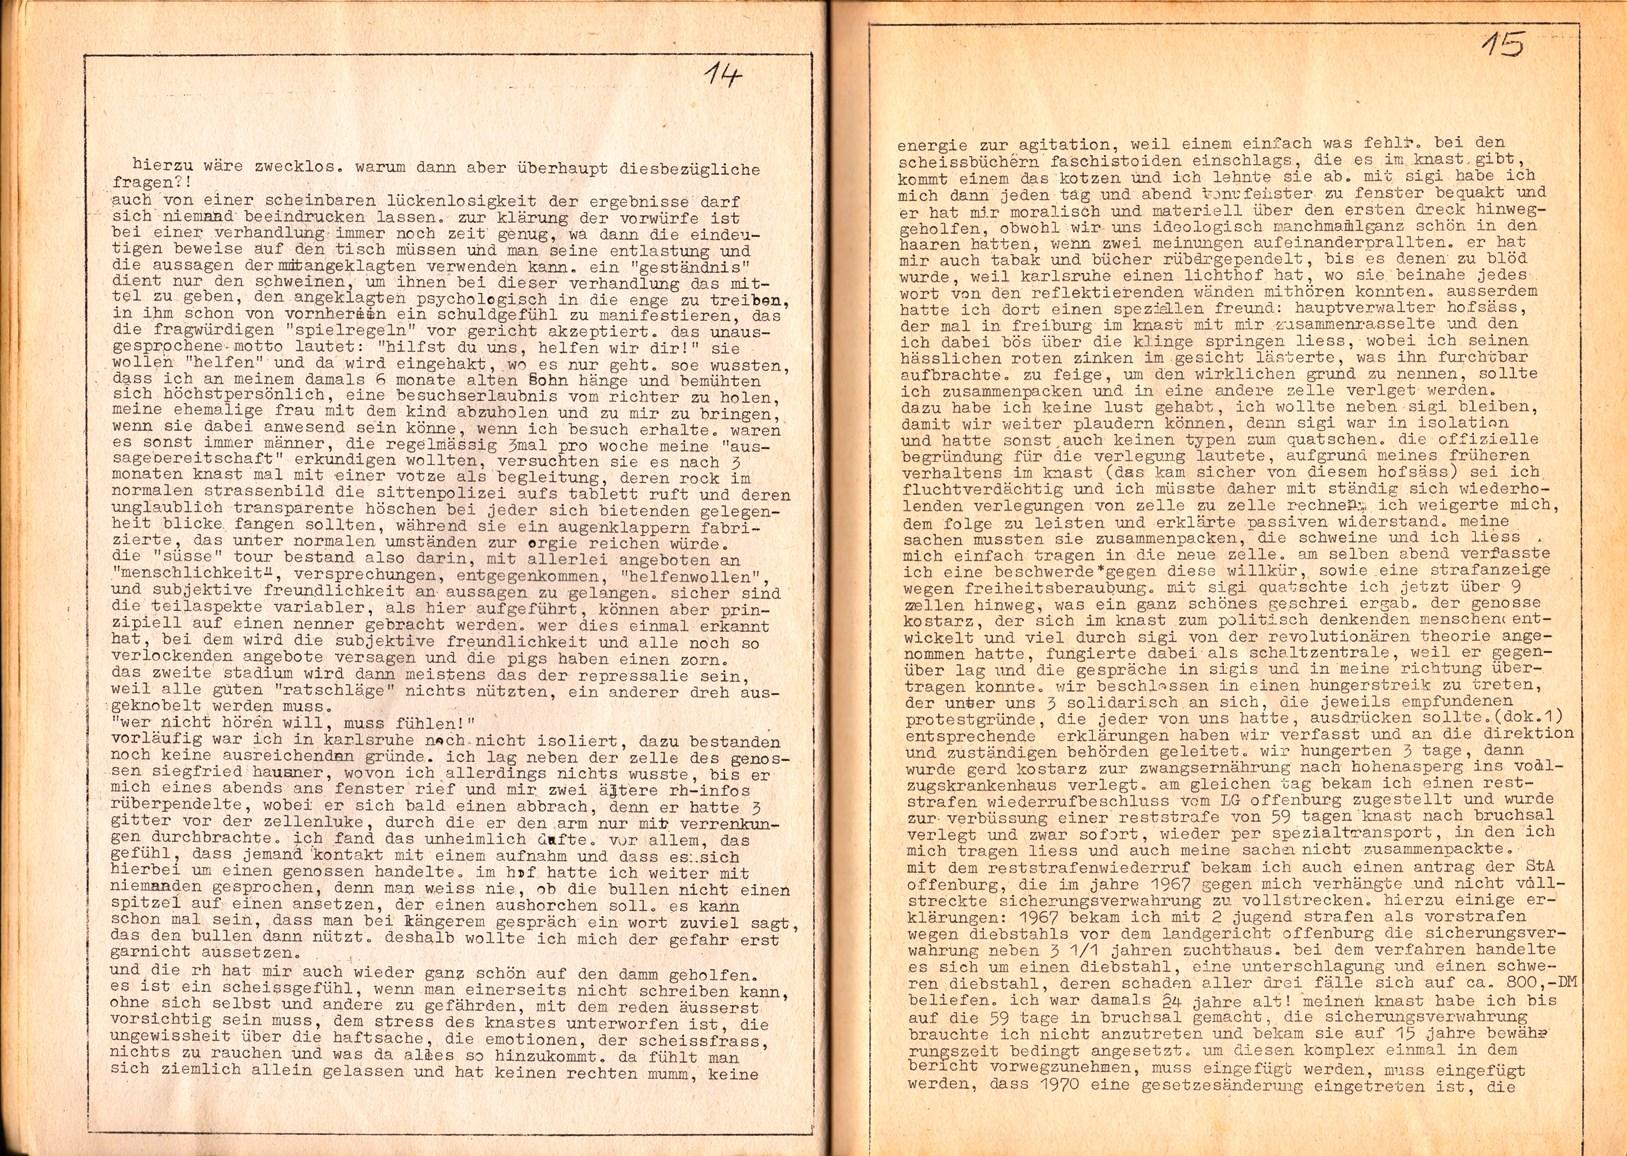 Wetzlar_Marburg_RH_SK_Lutz_Buhr_Knast_1973_08